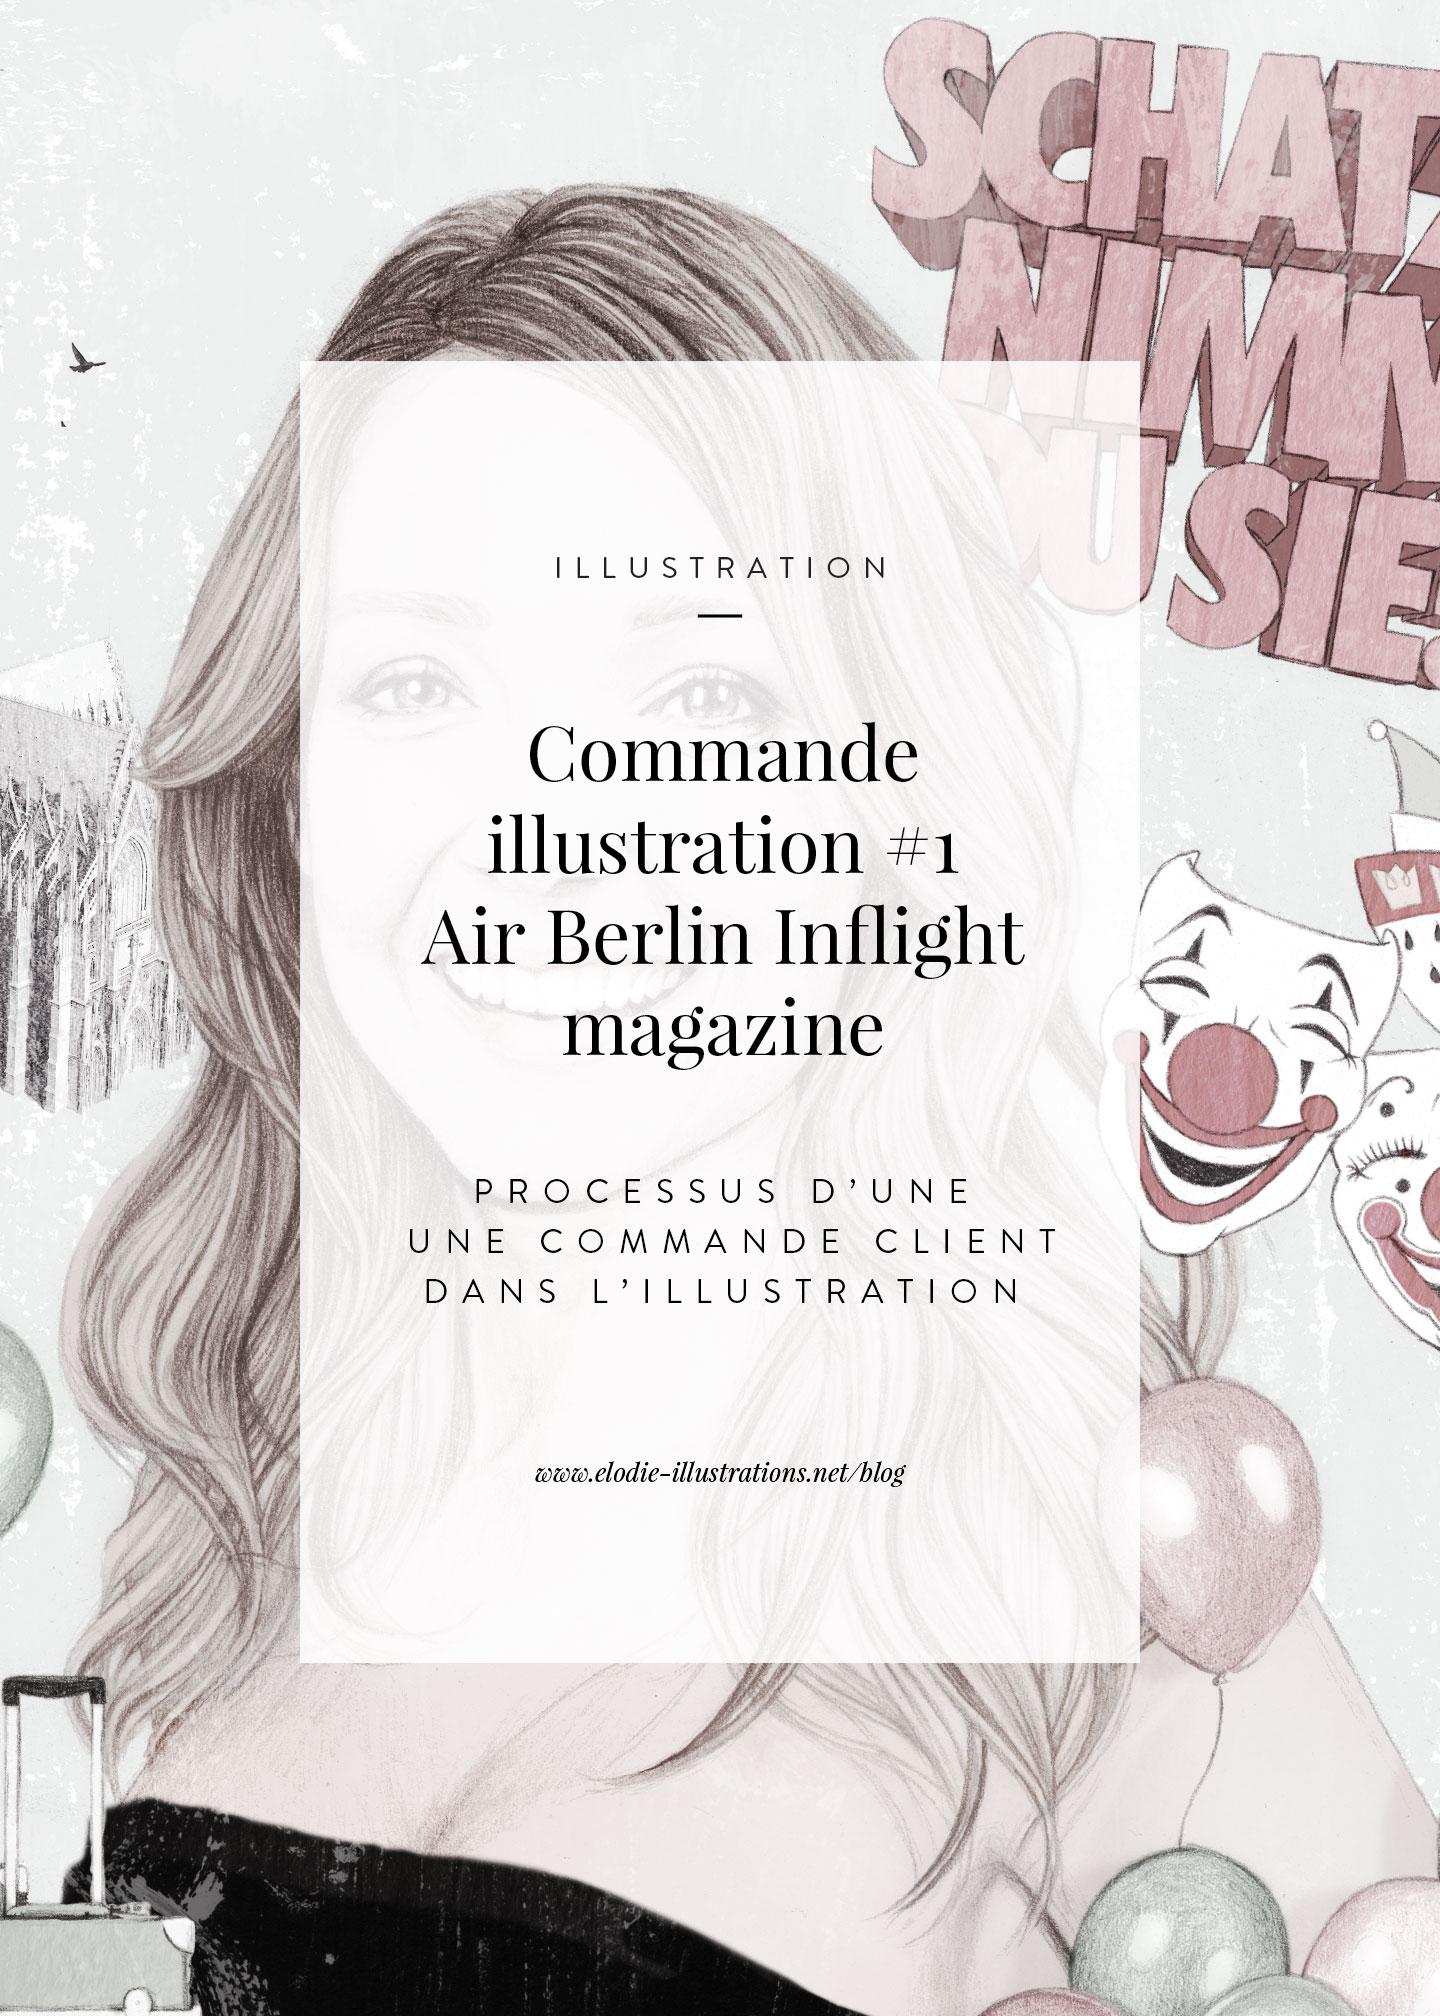 Commande d'illustration #1 – Air Berlin magazine | Dans cet article j'inaugure une nouvelle rubrique dans laquelle je vous présente le processus d'une commande illustration pro. - Cliquez pour découvrir l'article